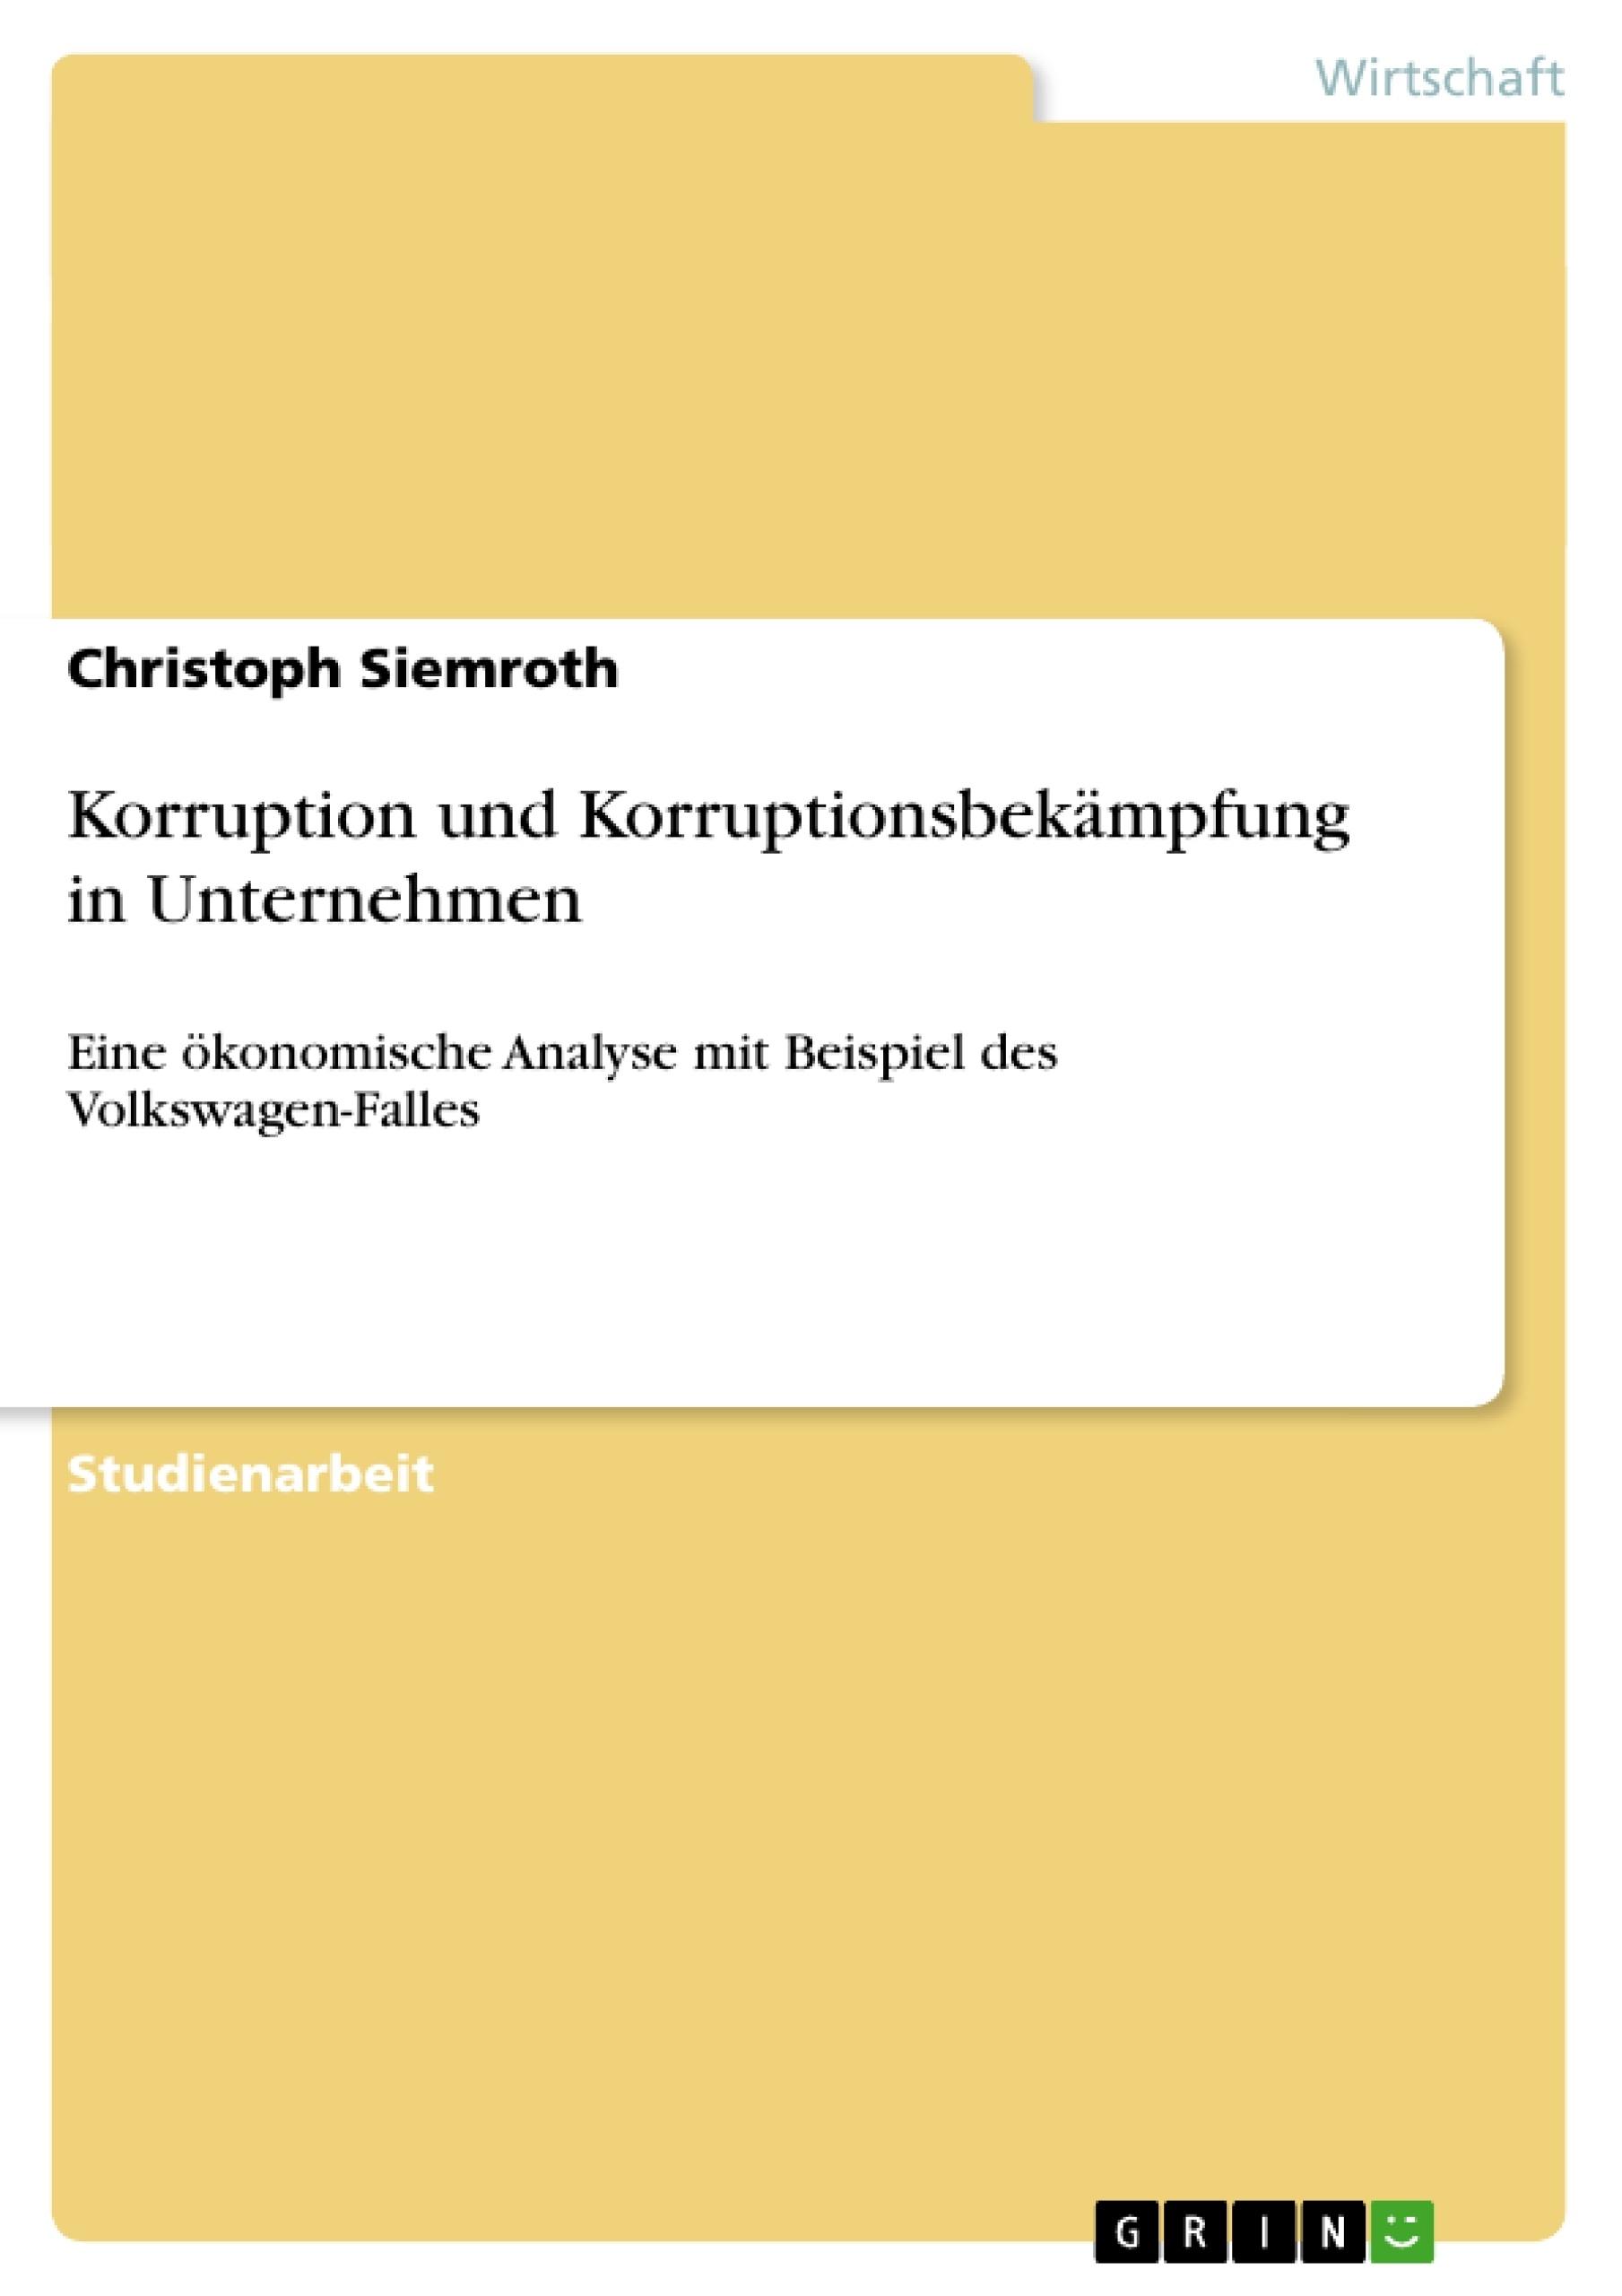 Titel: Korruption und Korruptionsbekämpfung in Unternehmen